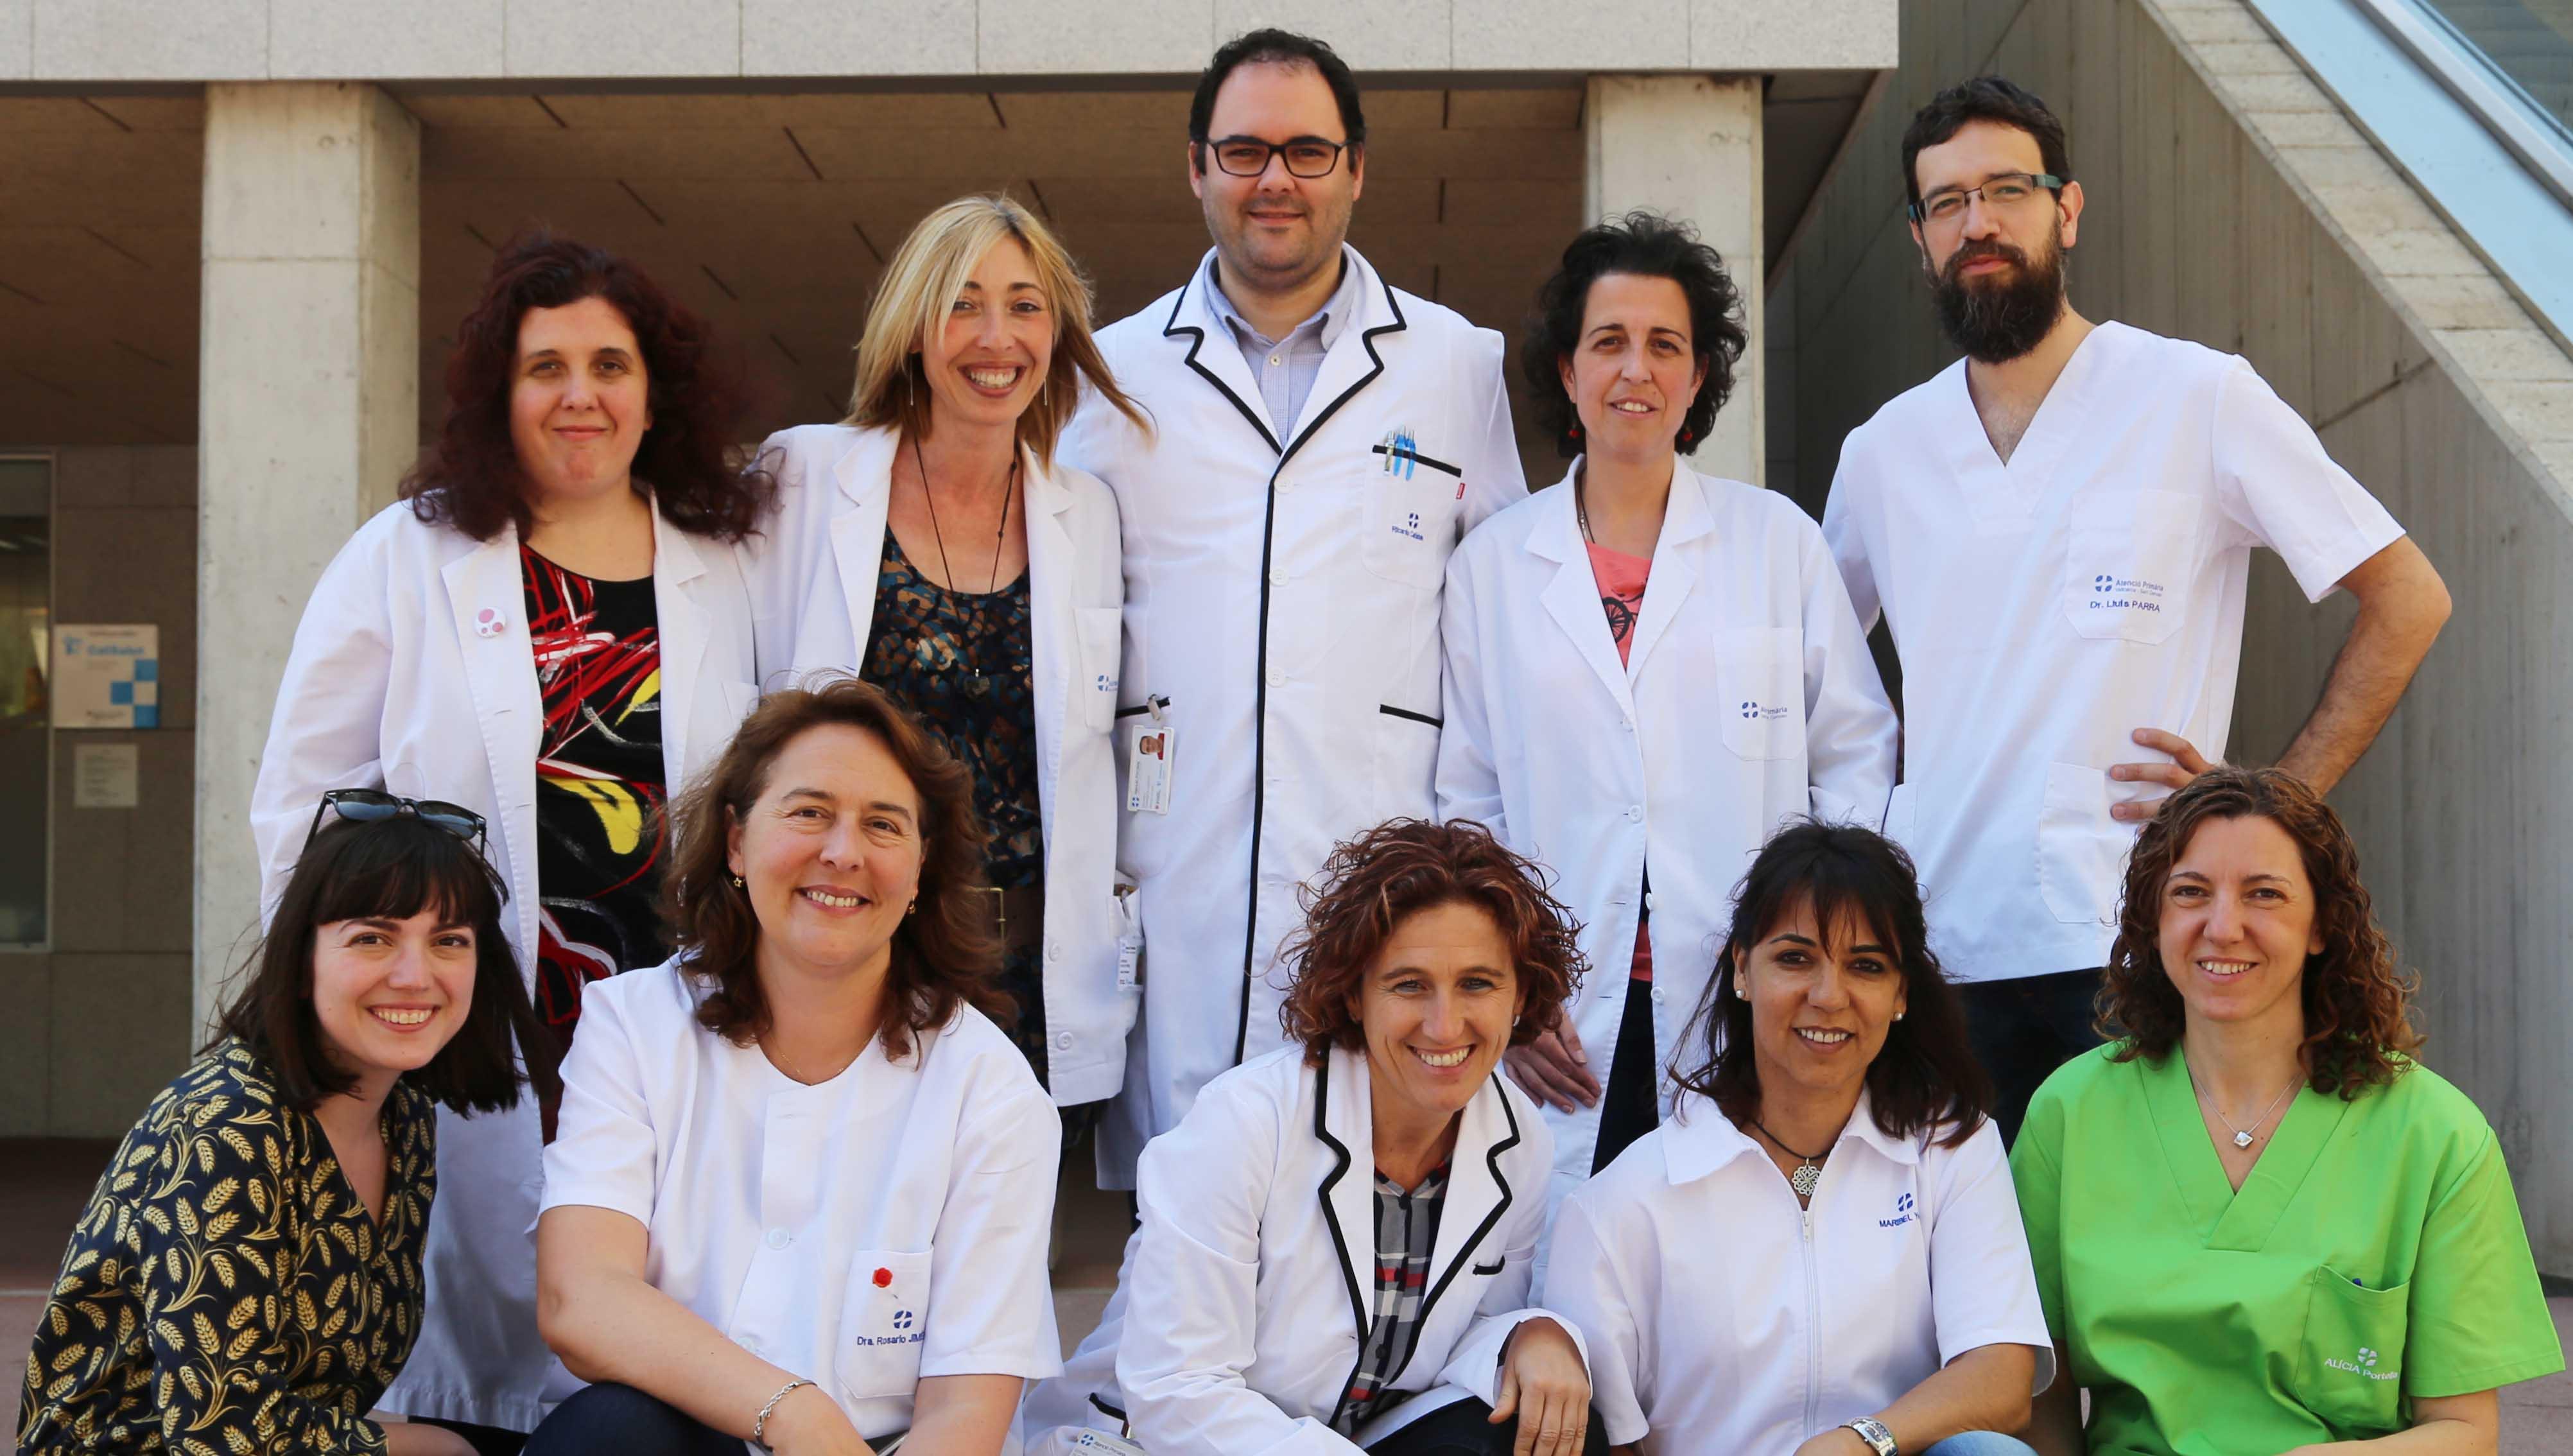 Equipo de comunicación - Atención Primaria Vallcarca Sant Gervasi